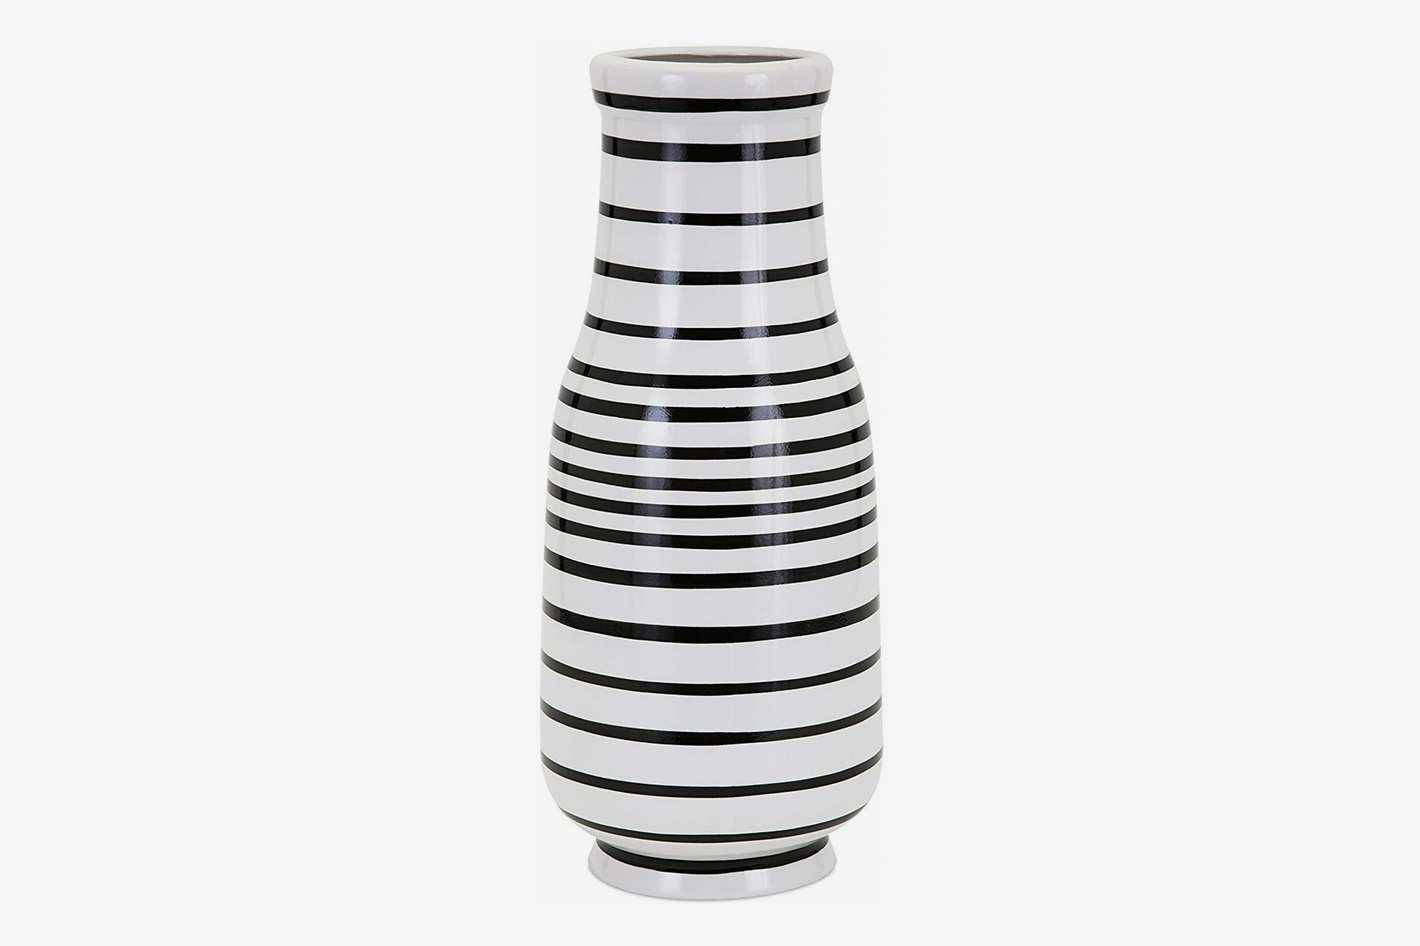 IMAX 14465 Parisa Medium Vase